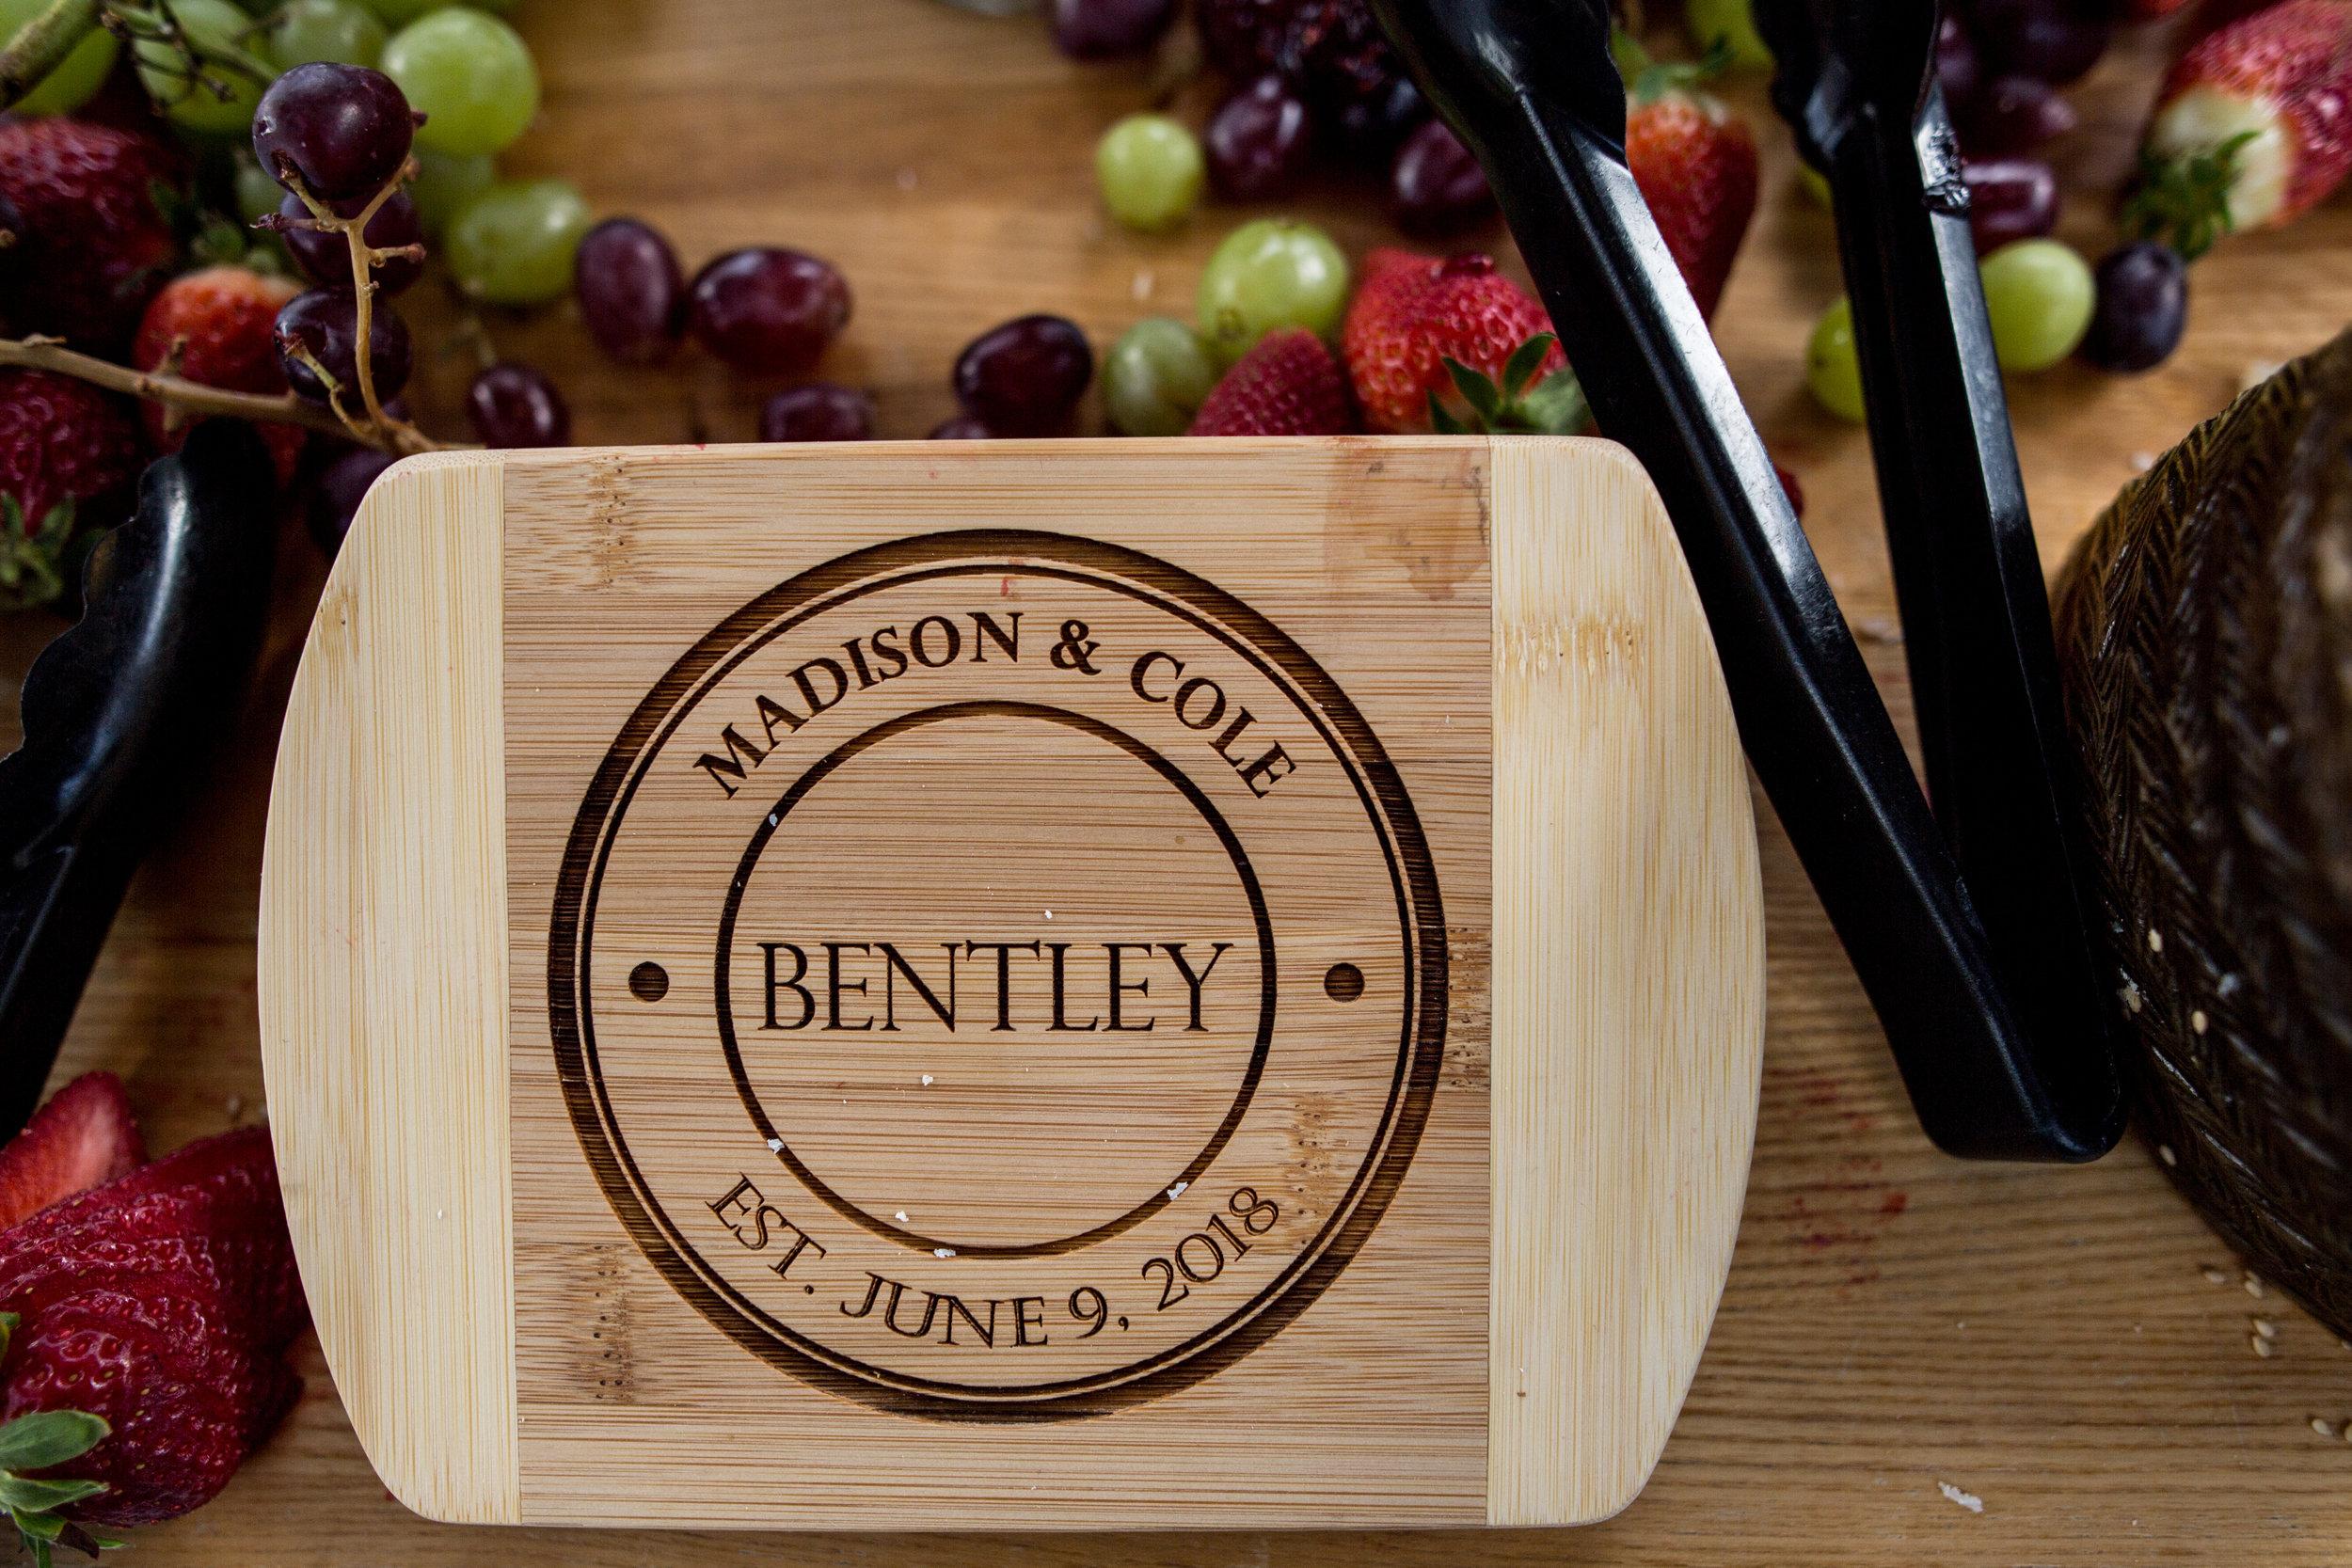 Bentley (1325).jpg